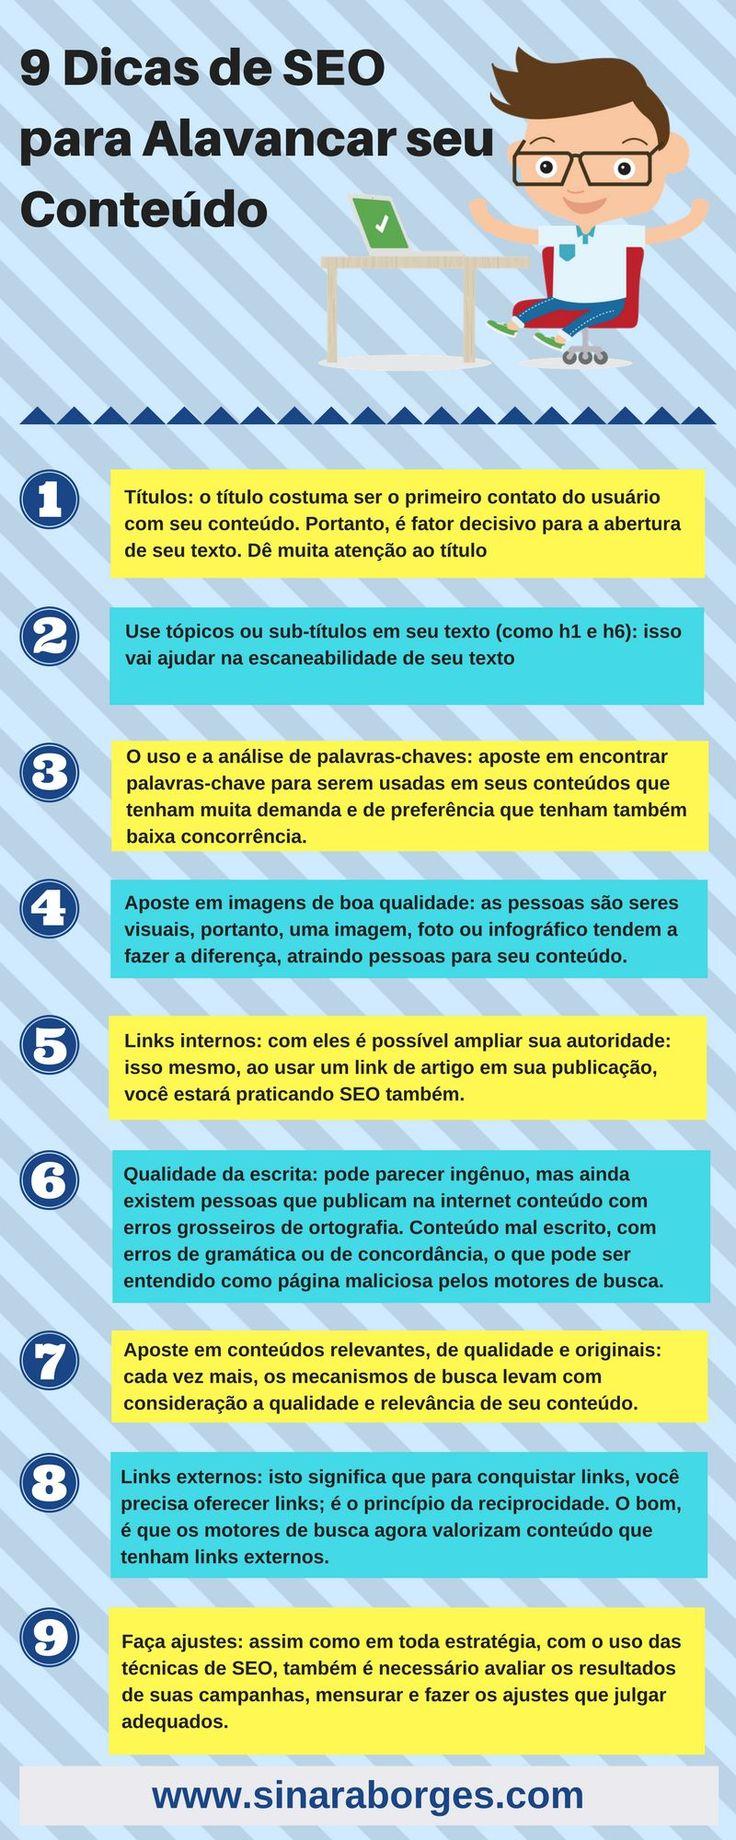 9 dicas de seo para alavancar seu conteúdo e vender muito mais. www.sinaraborges.com Clique aqui http://www.estrategiadigital.pt/e-book-ferramentas-de-redes-sociais/ e faça agora mesmo Download do nosso E-Book Gratuito sobre FERRAMENTAS DE REDES SOCIAIS